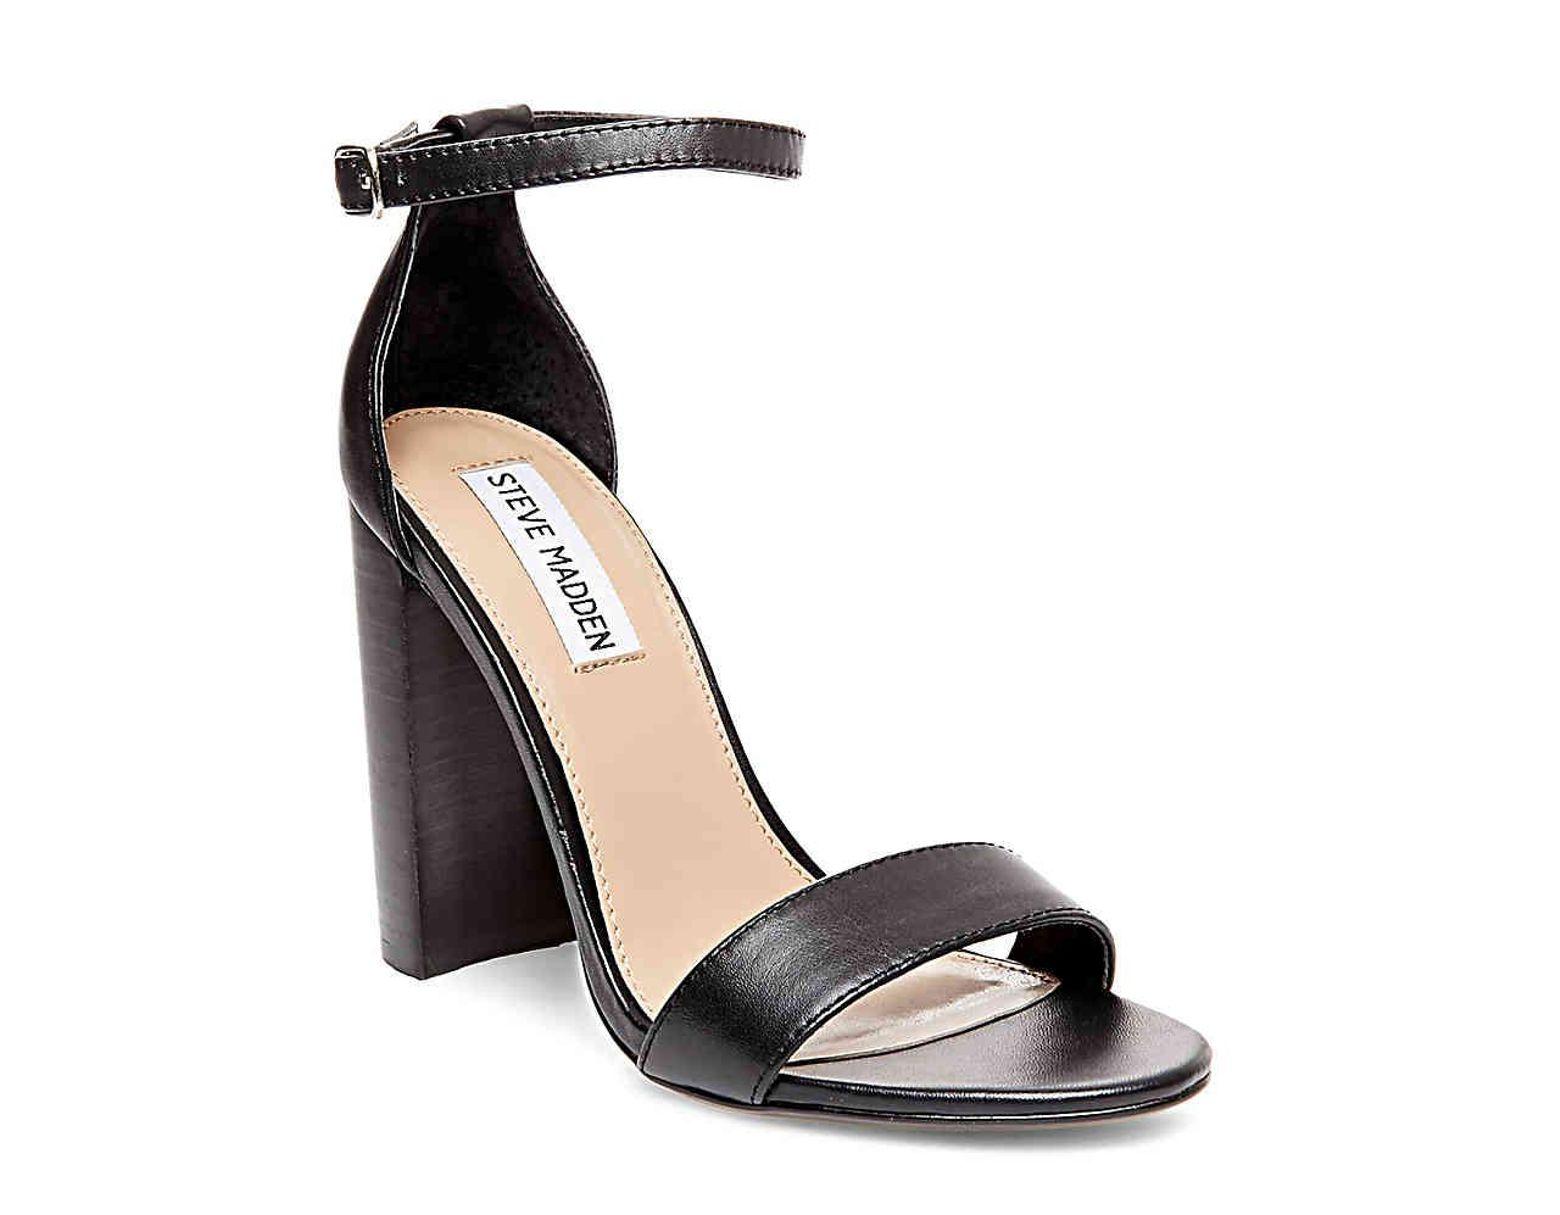 923d754a9f1 Women's Black Carrson Sandal